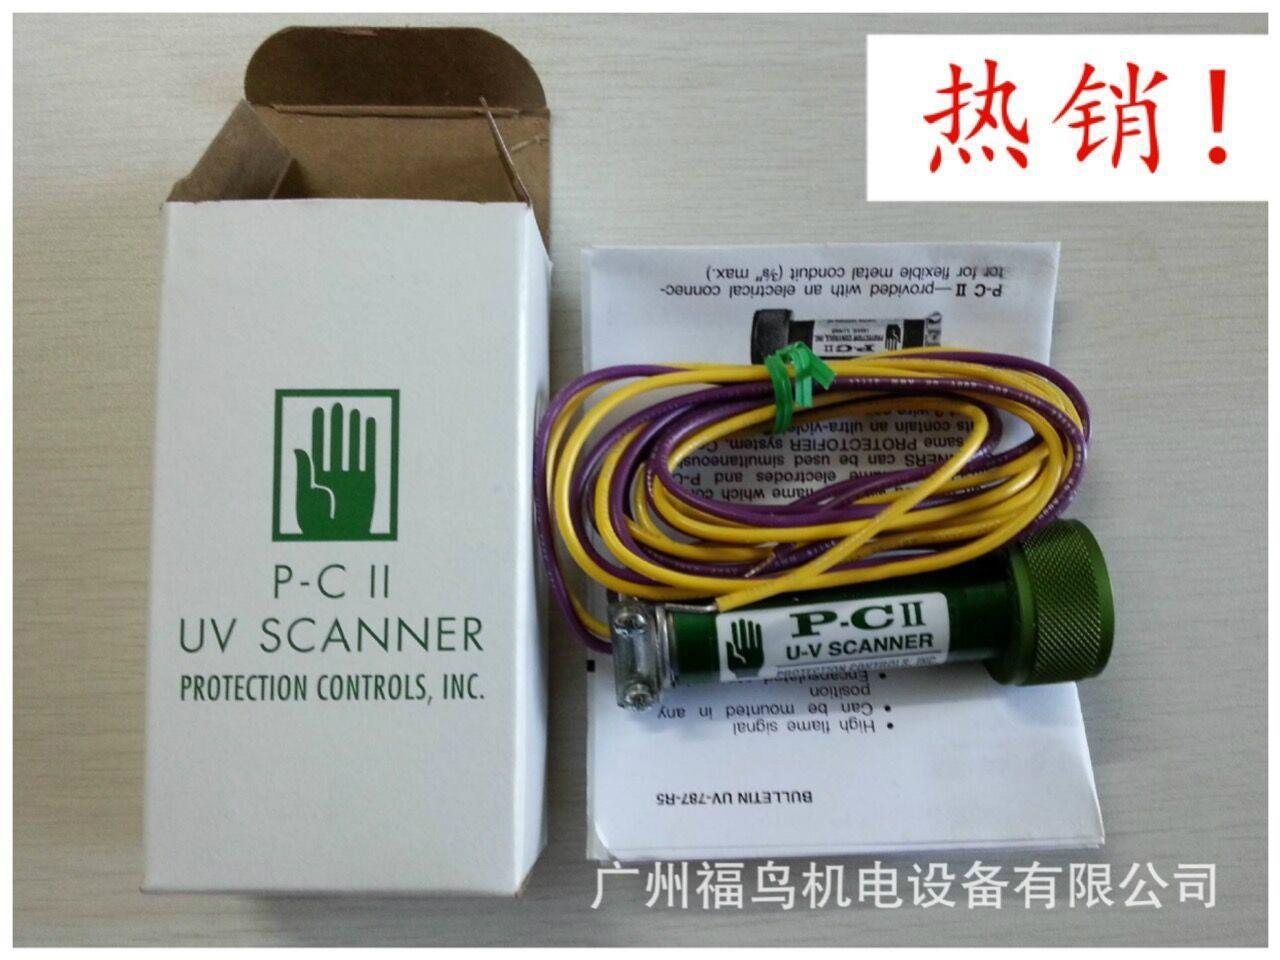 火焰探测器, 型号: P-C II U-V SCANNER